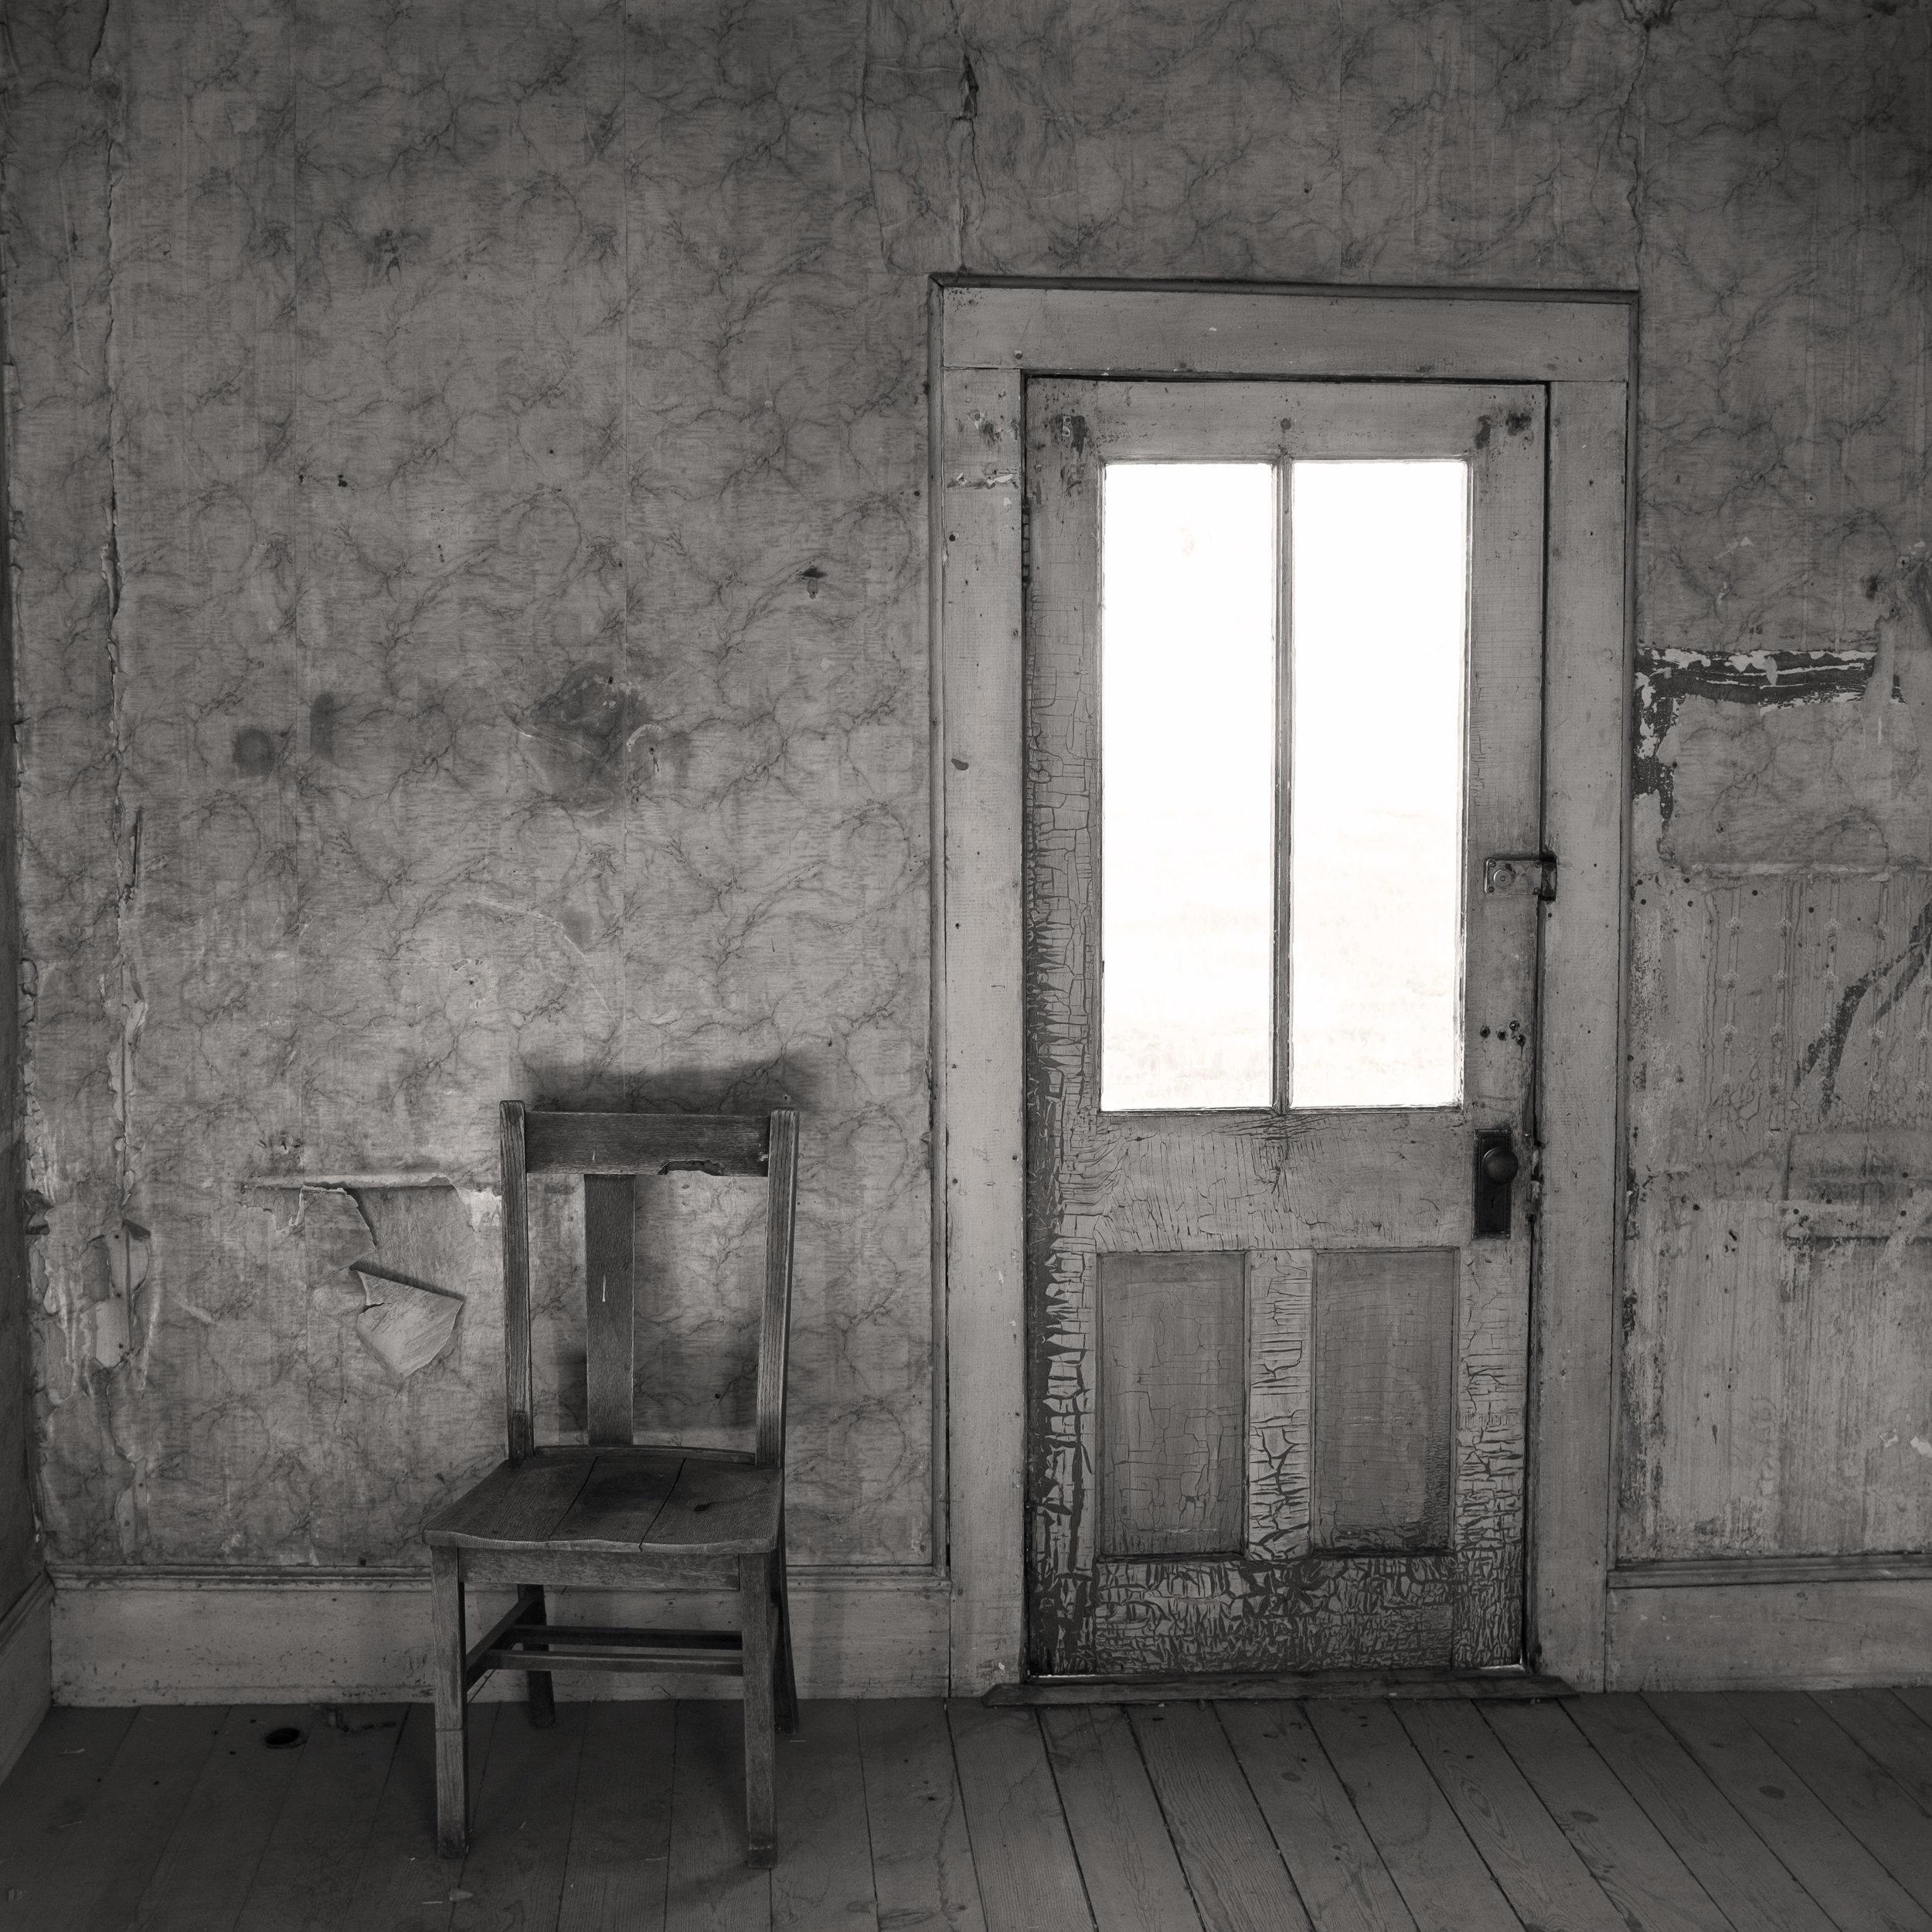 Bannack_Chair_Door.jpg